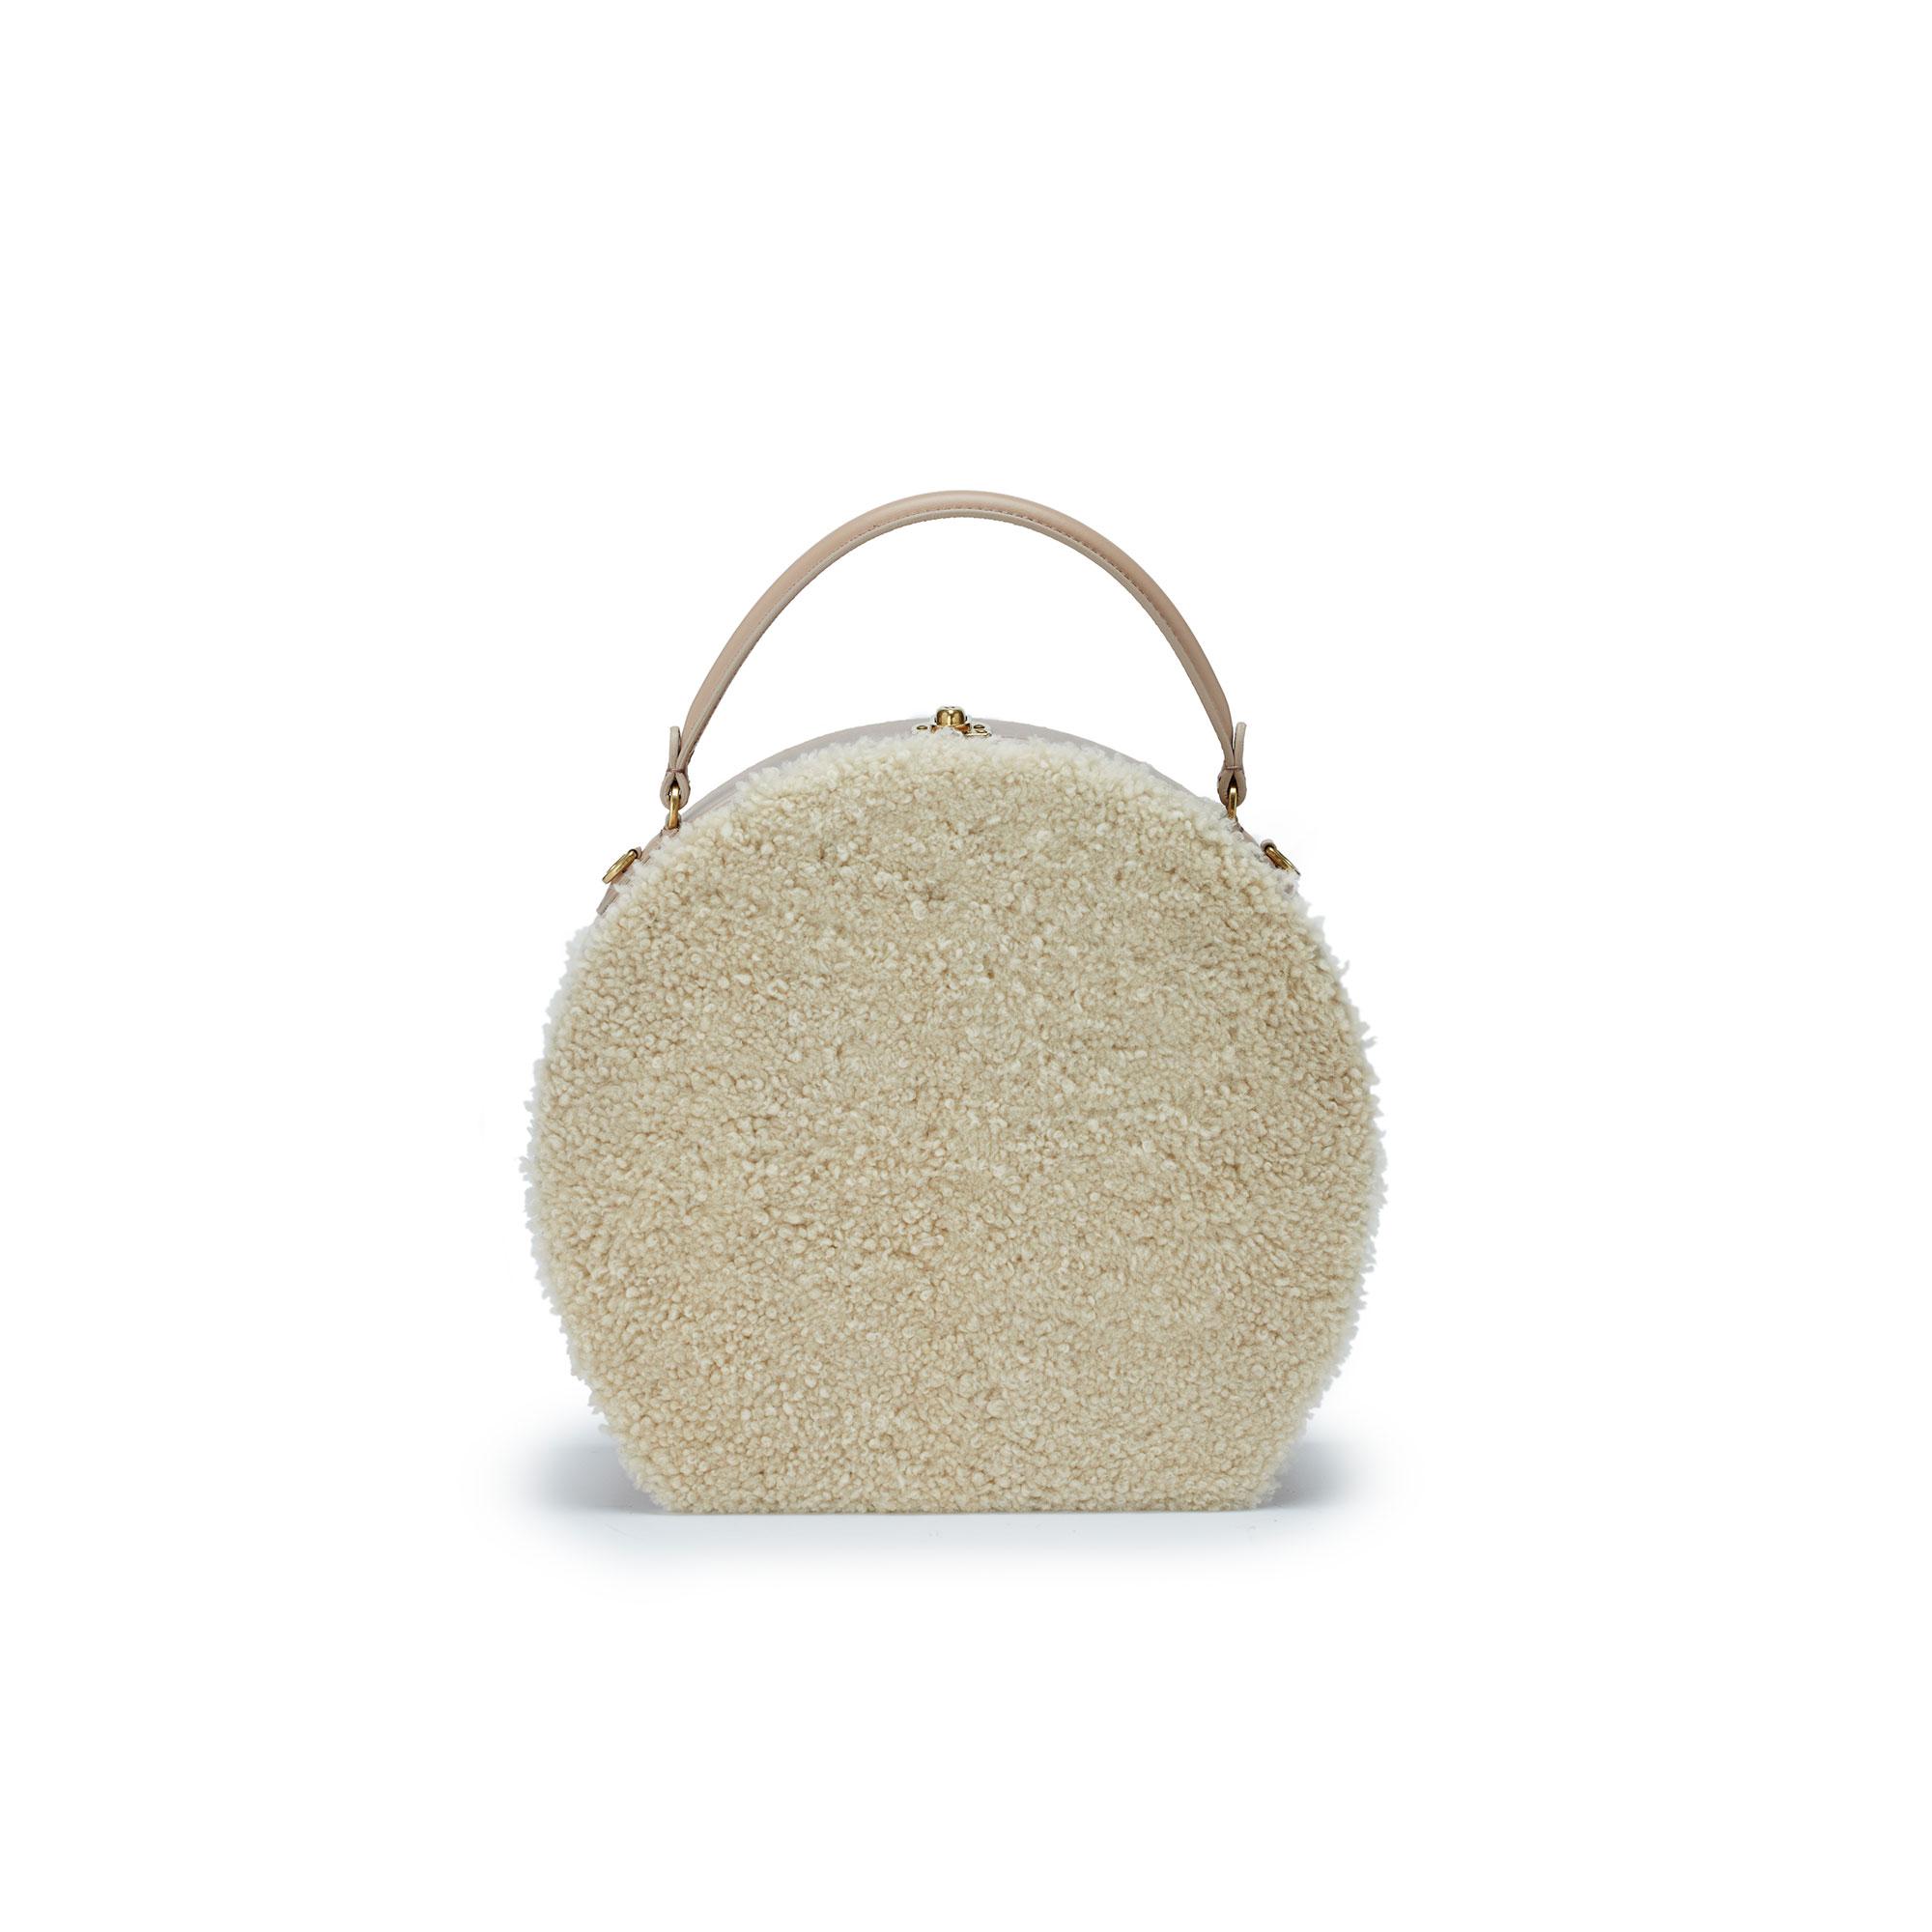 Large-Bertoncina-cream-shearling-bag-Bertoni-1949_01